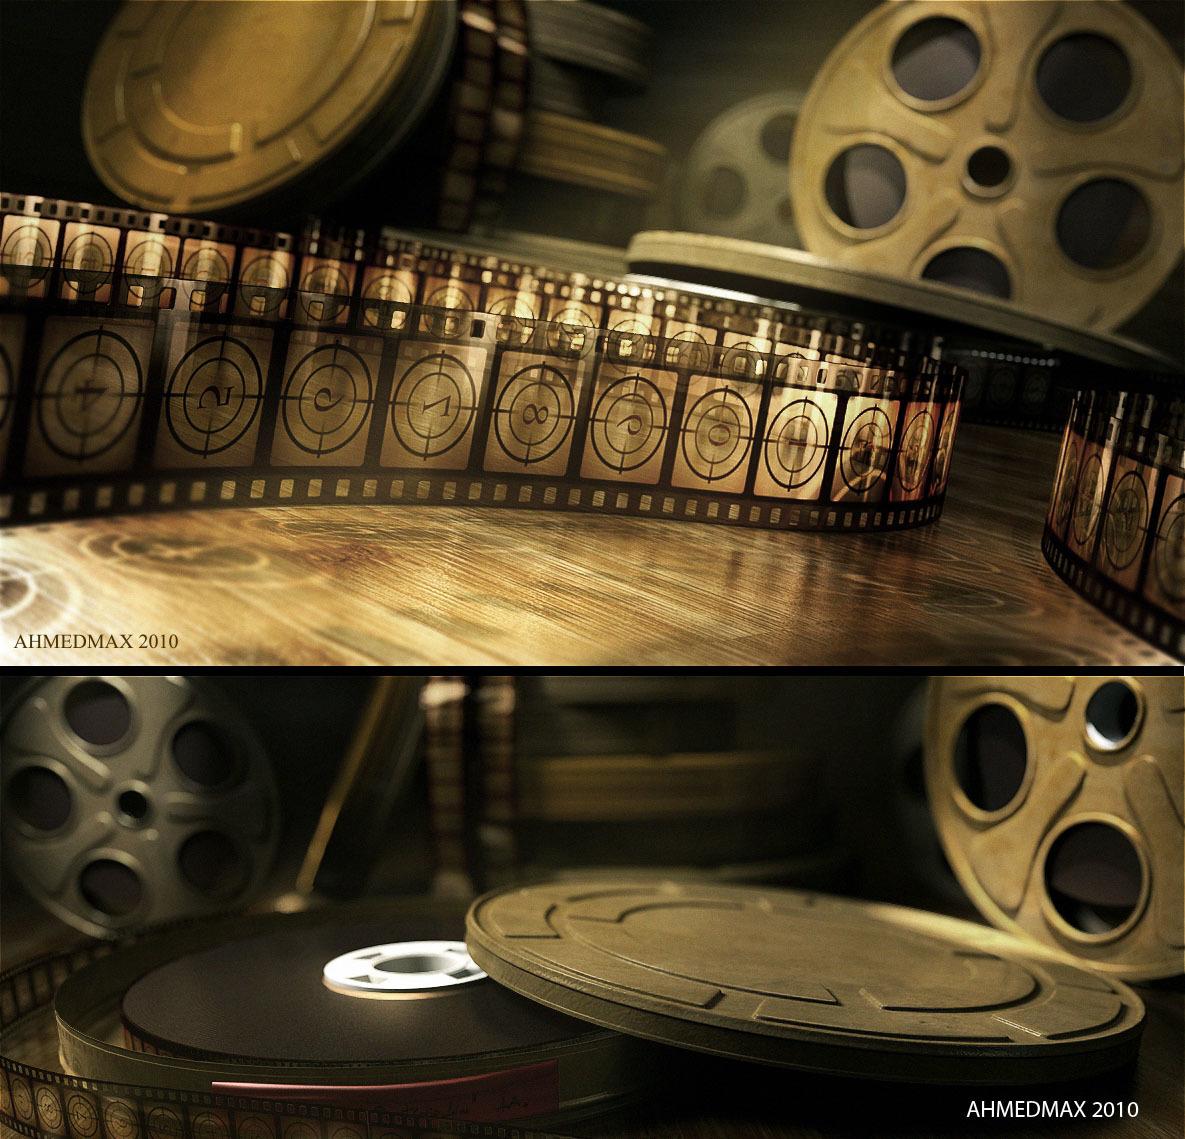 Ahmedmax mode of cinema 1 54d19f8b 7q88